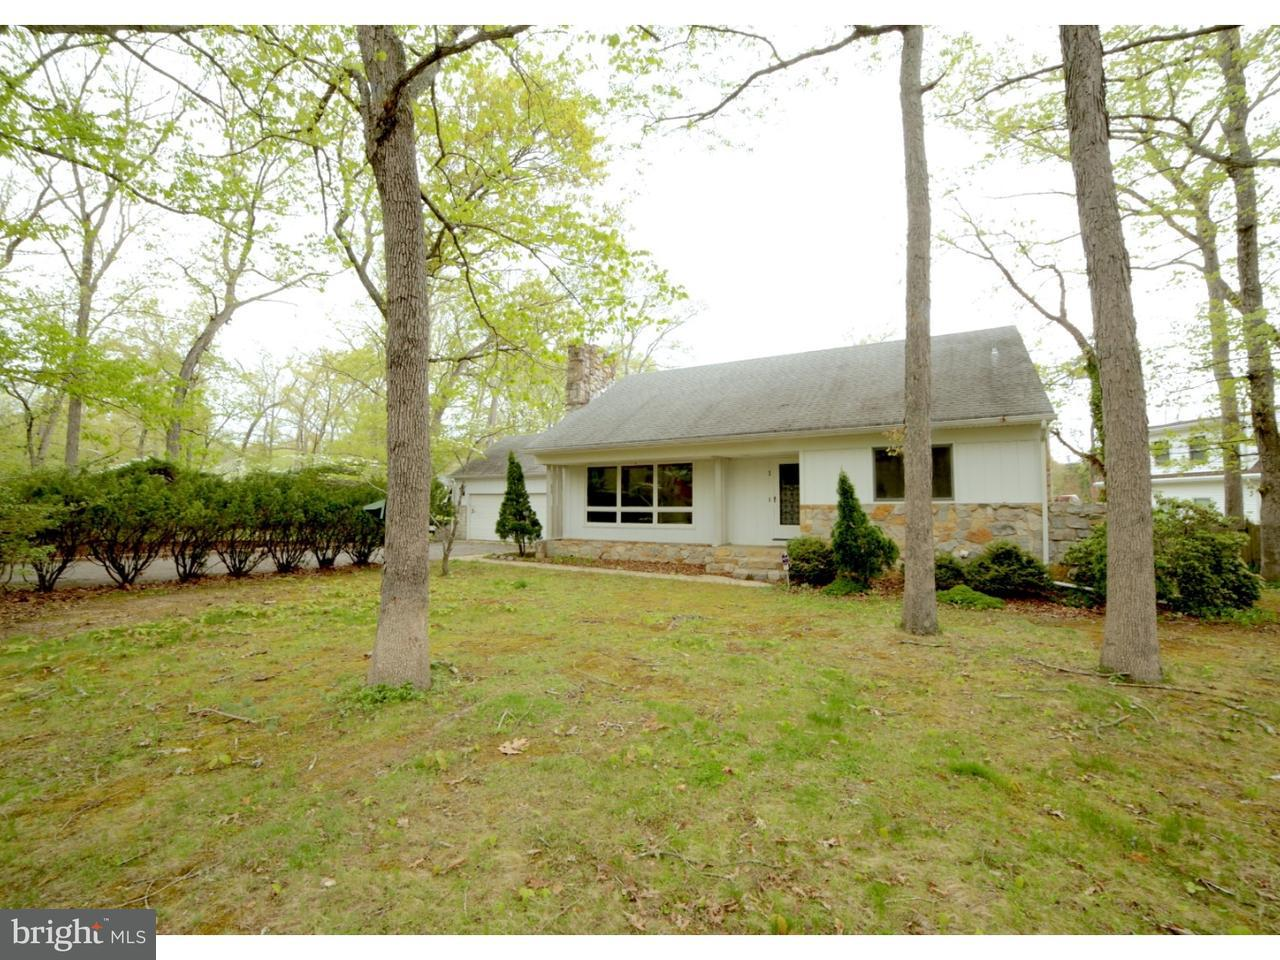 Maison unifamiliale pour l Vente à 1 PECAN Lane Browns Mills, New Jersey 08015 États-Unis